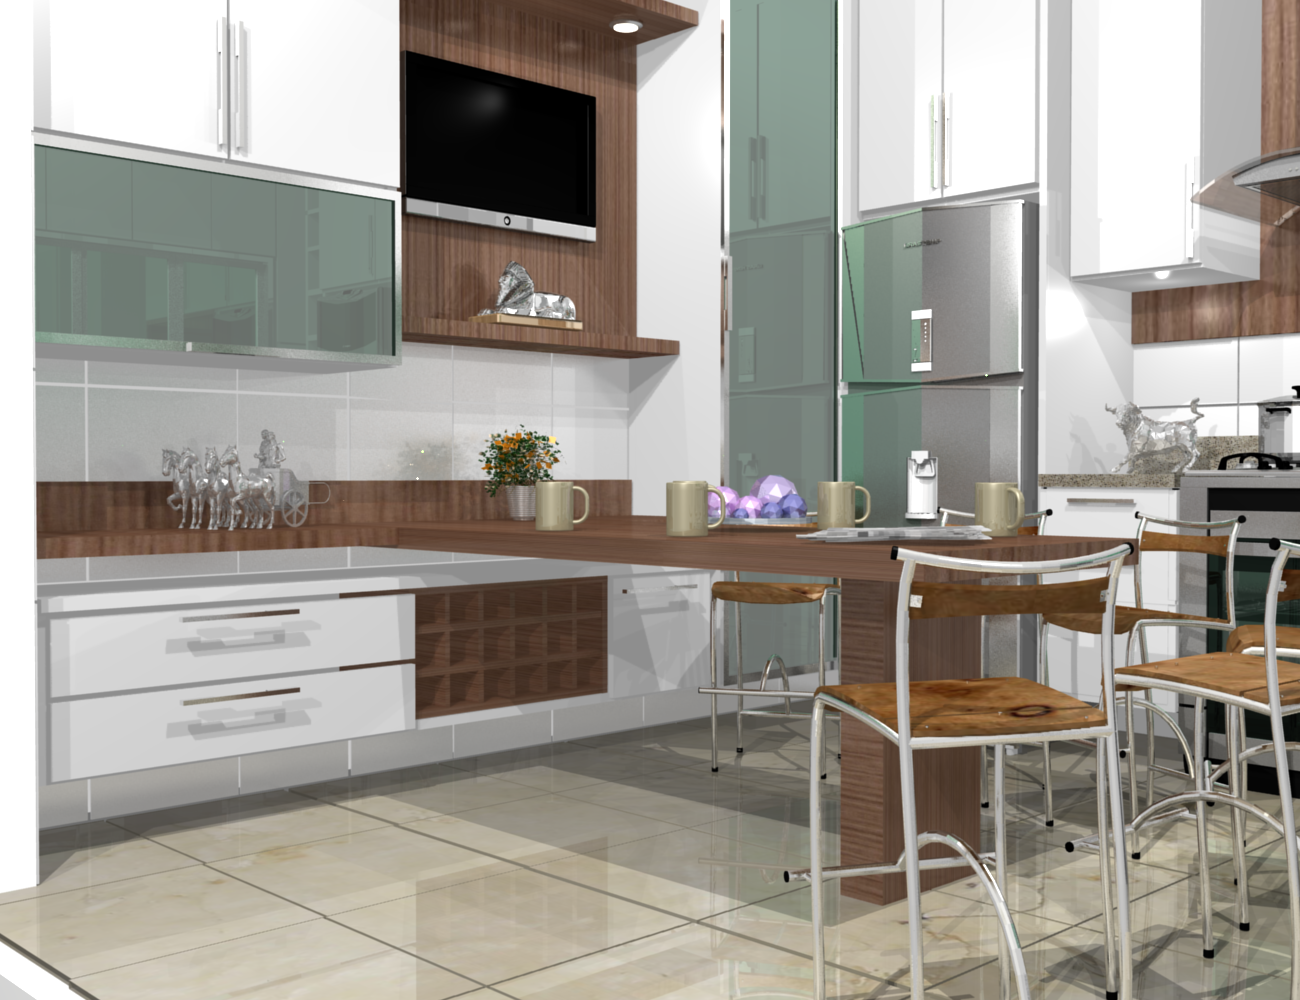 #644939 pin cozinhas bancadas de madeira cozinha pequena bancada pelautscom on 1300x1000 px Bancada Cozinha Americana Inox #1275 imagens